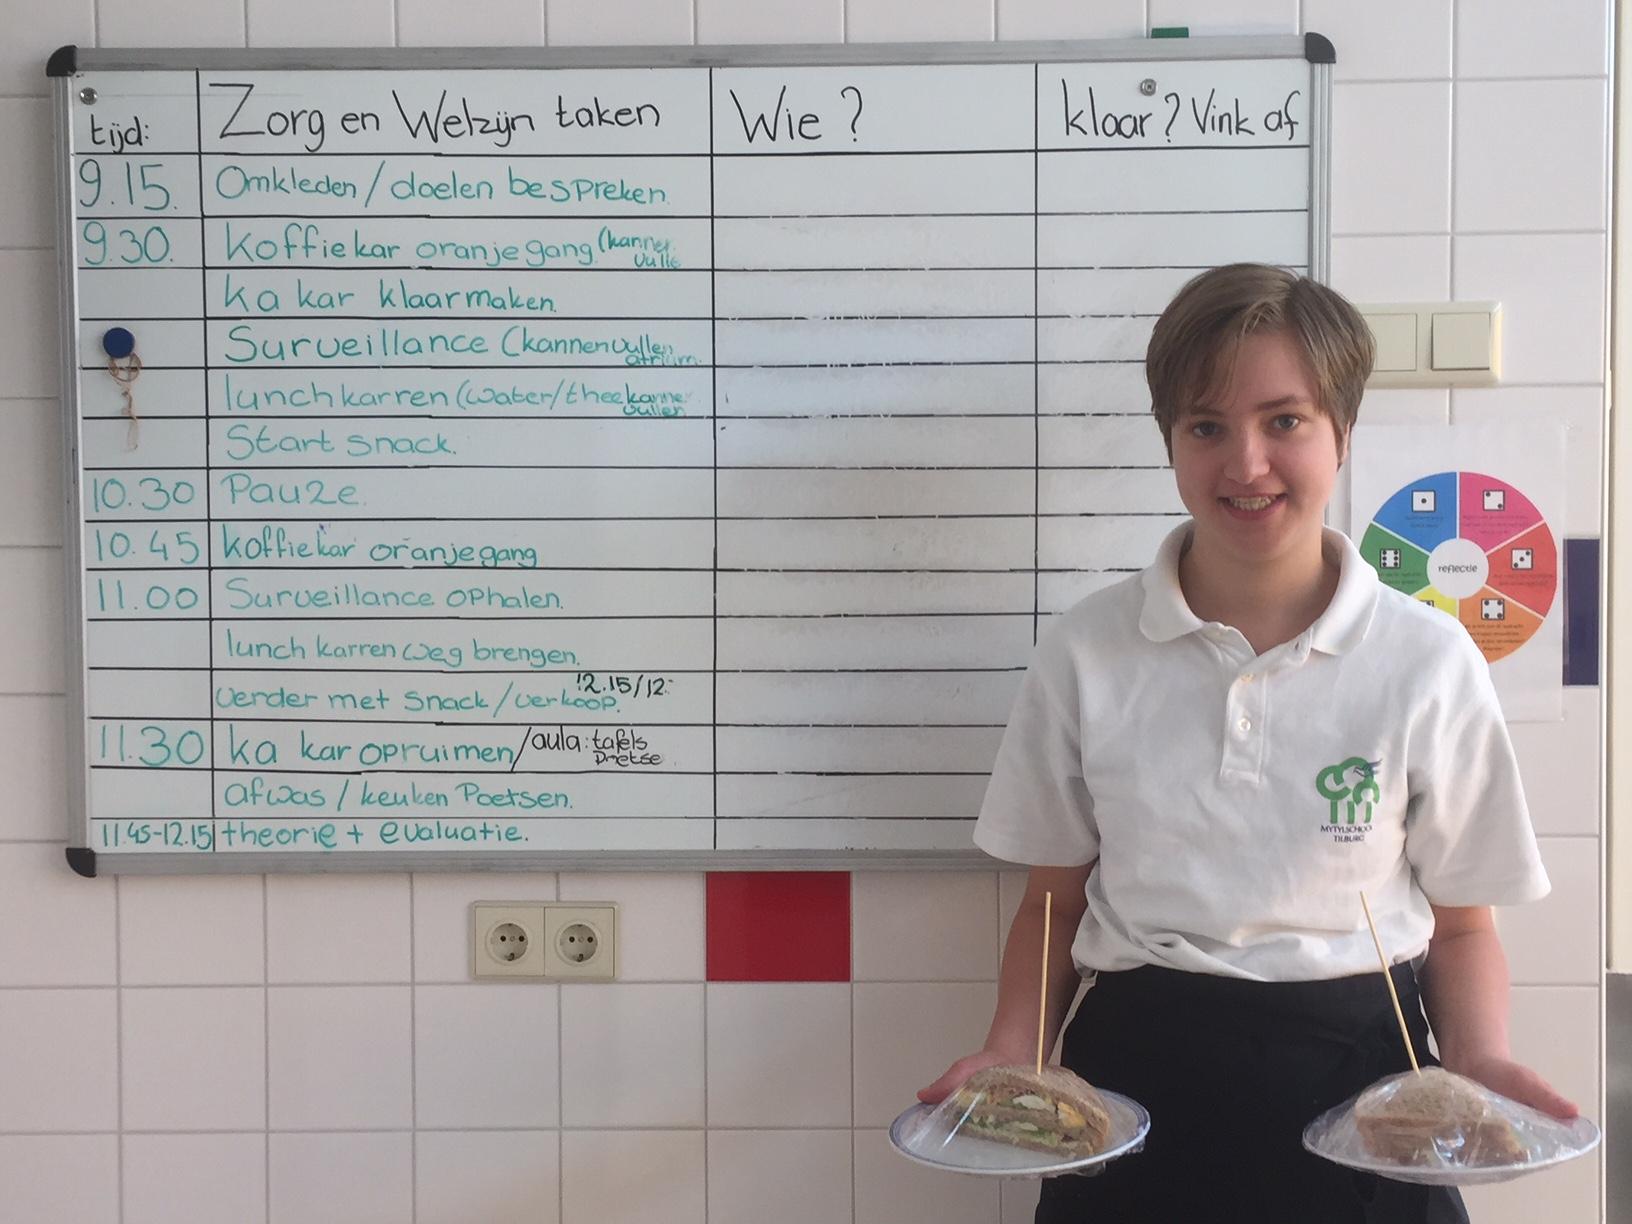 Ymke aan de slag in catering